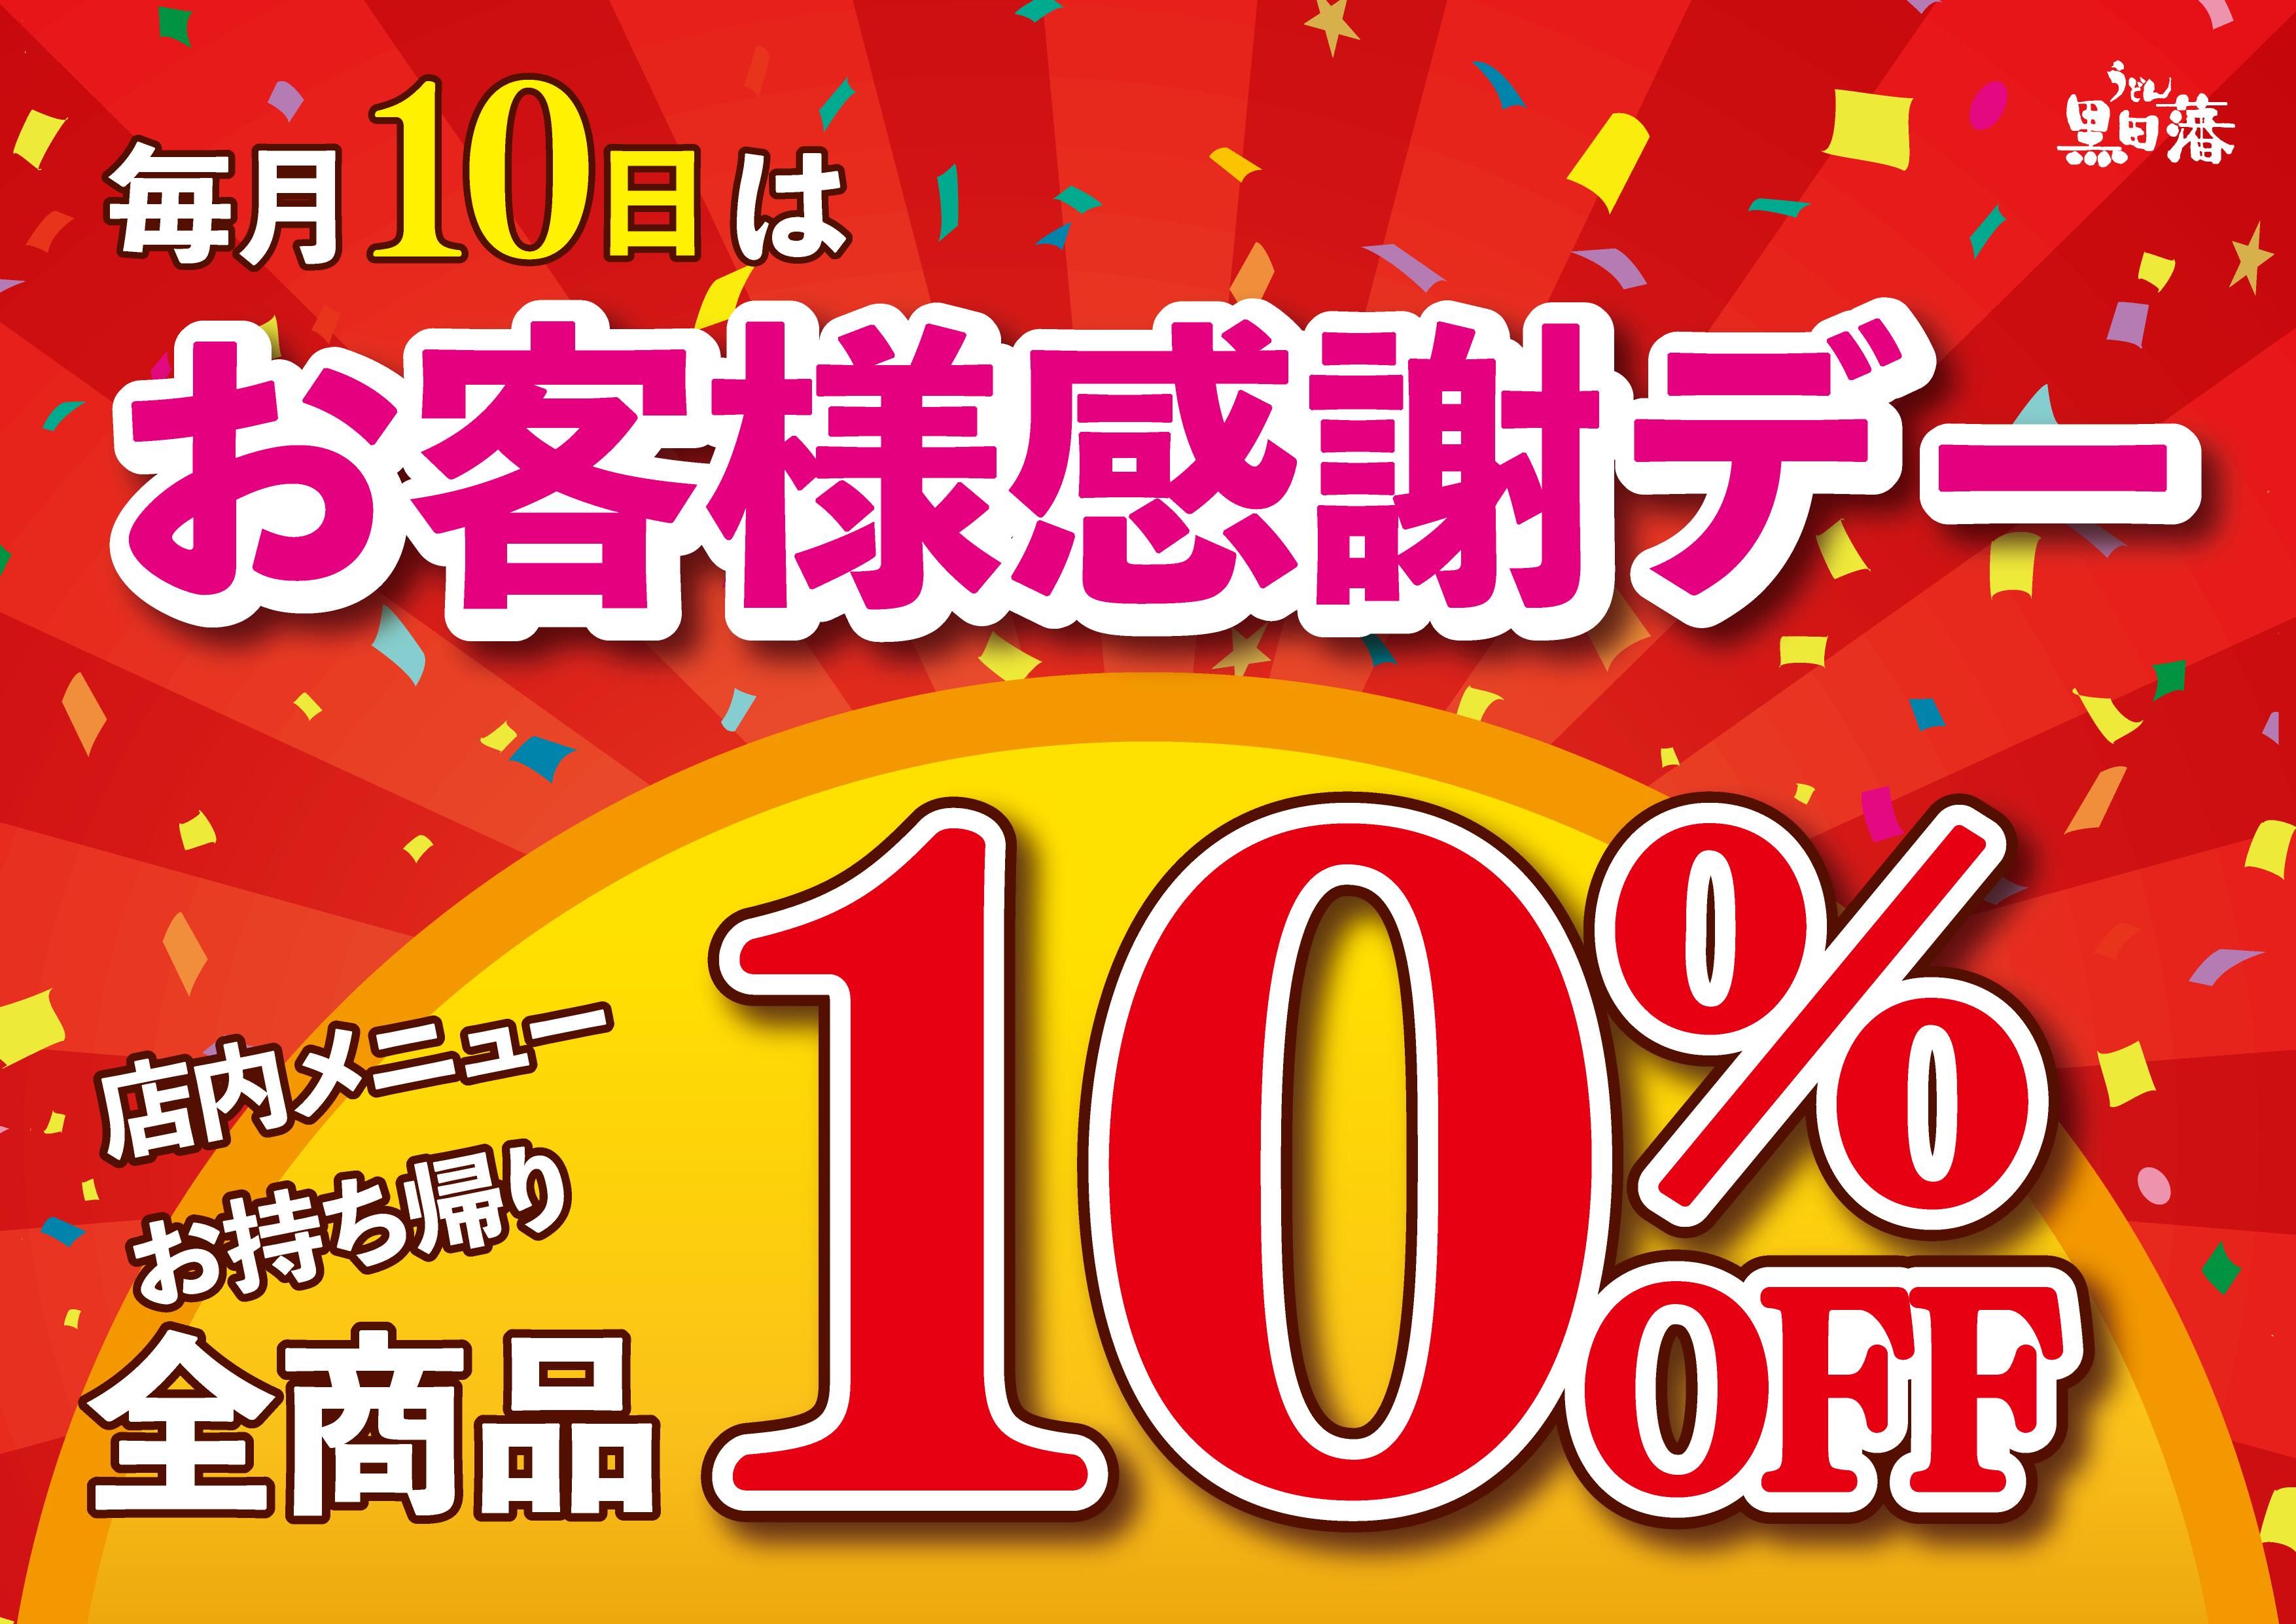 【お知らせ】毎月10日は10%オフ!![黒田藩]